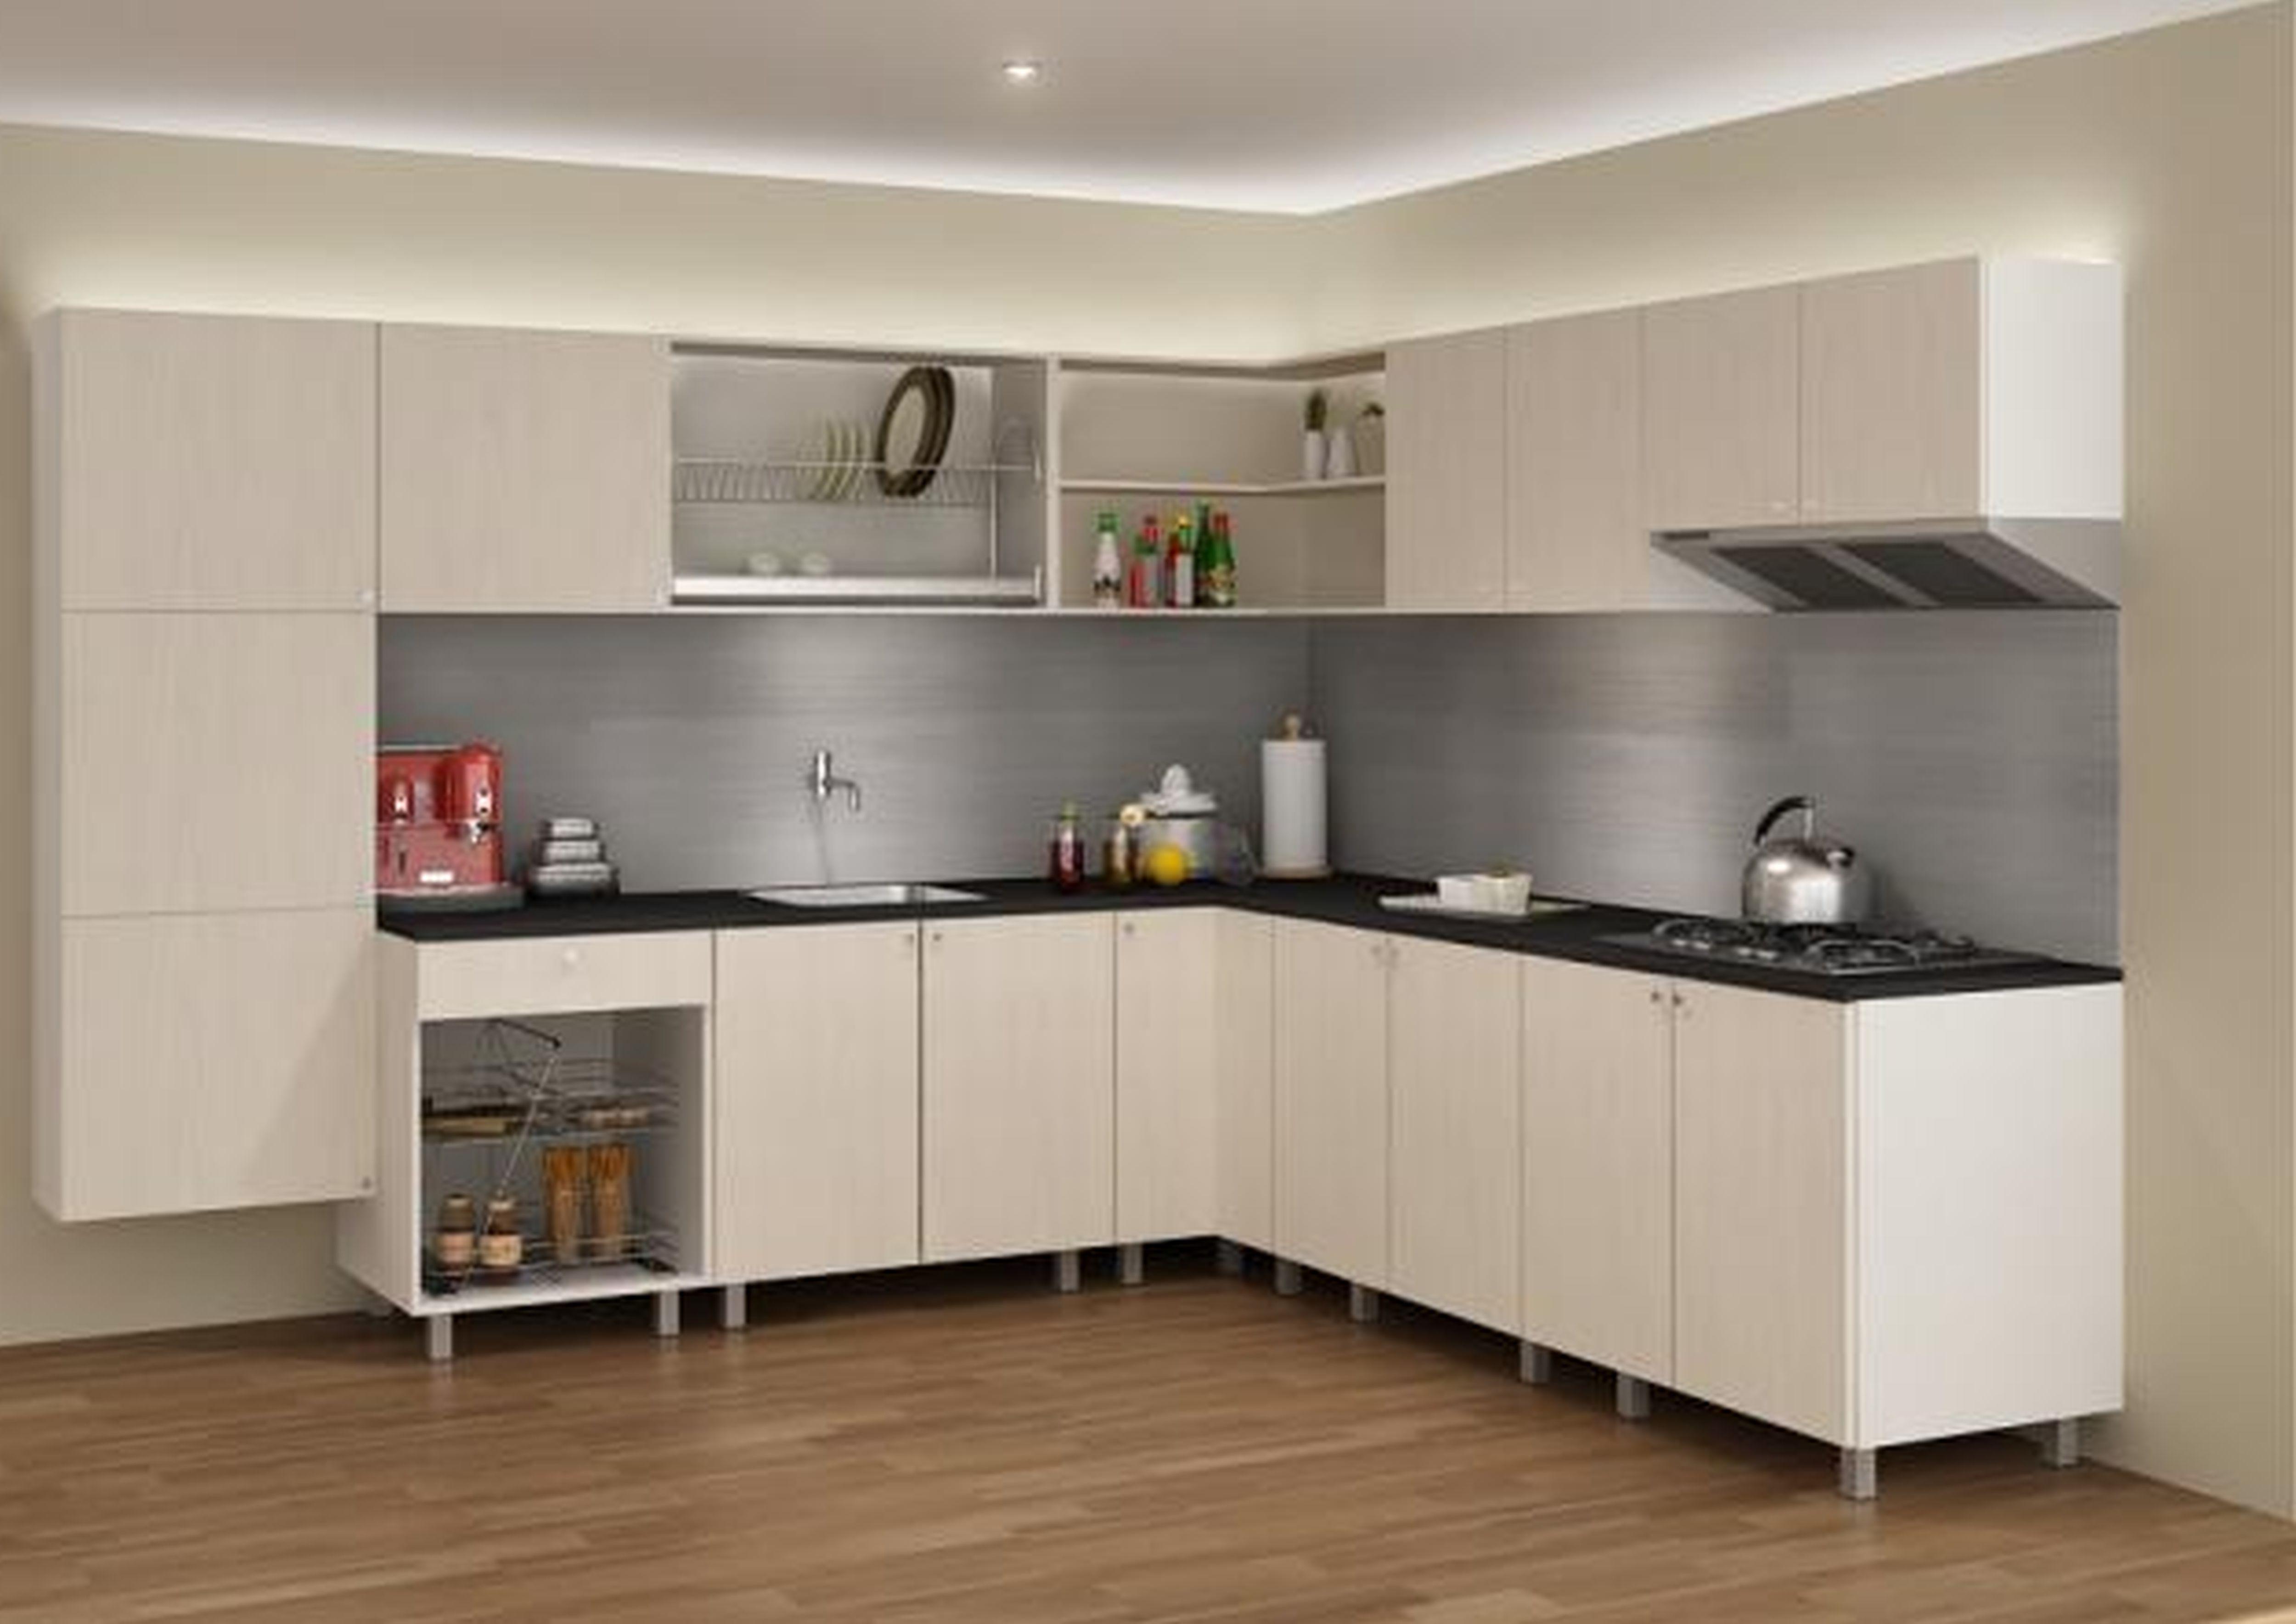 Corner base kitchen cabinet  Wall Mounted Kitchen Cabinets  yonkoutei  Pinterest